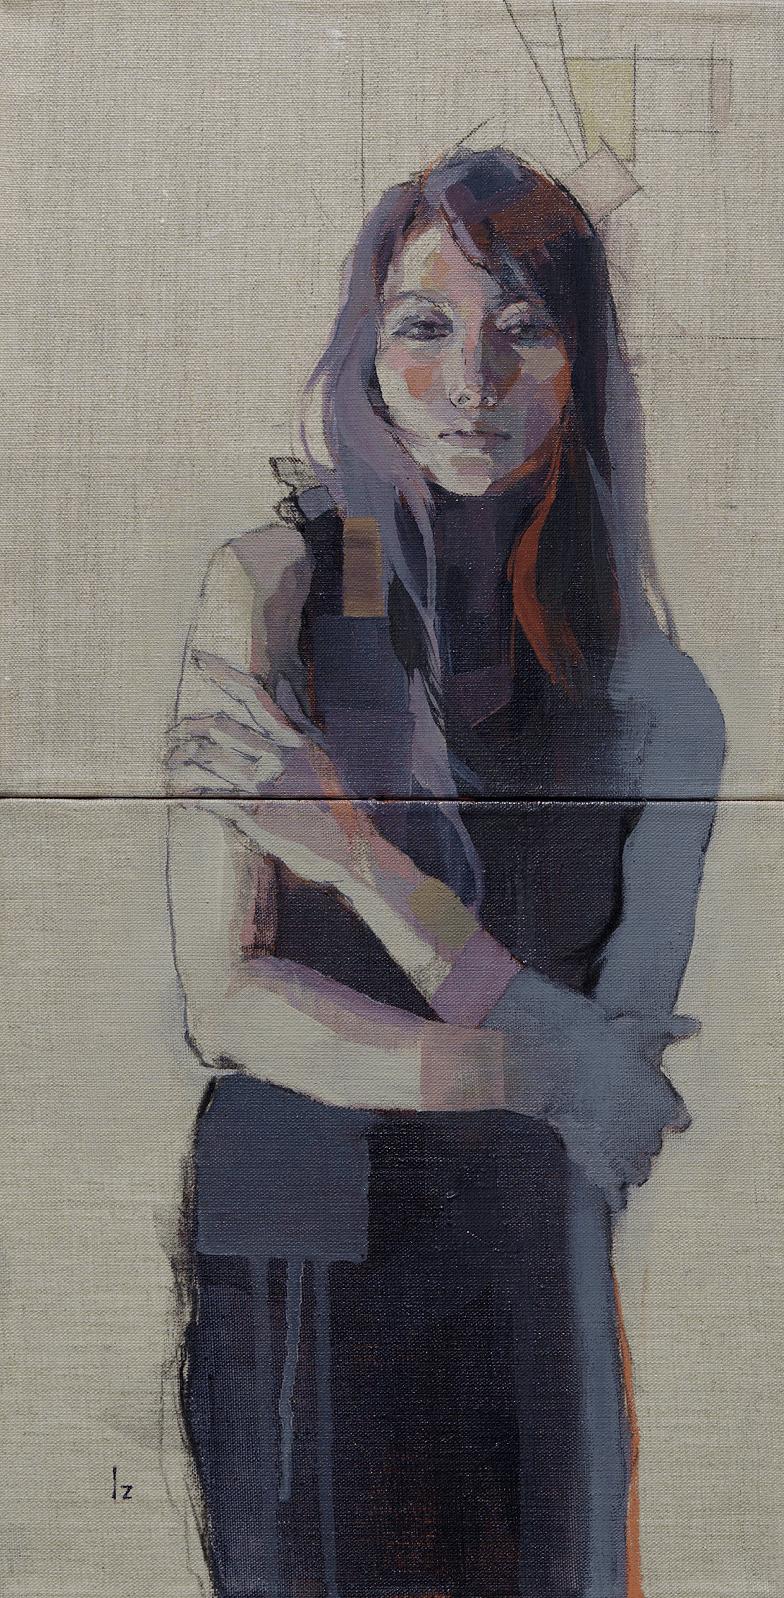 原泉の画像 p1_35